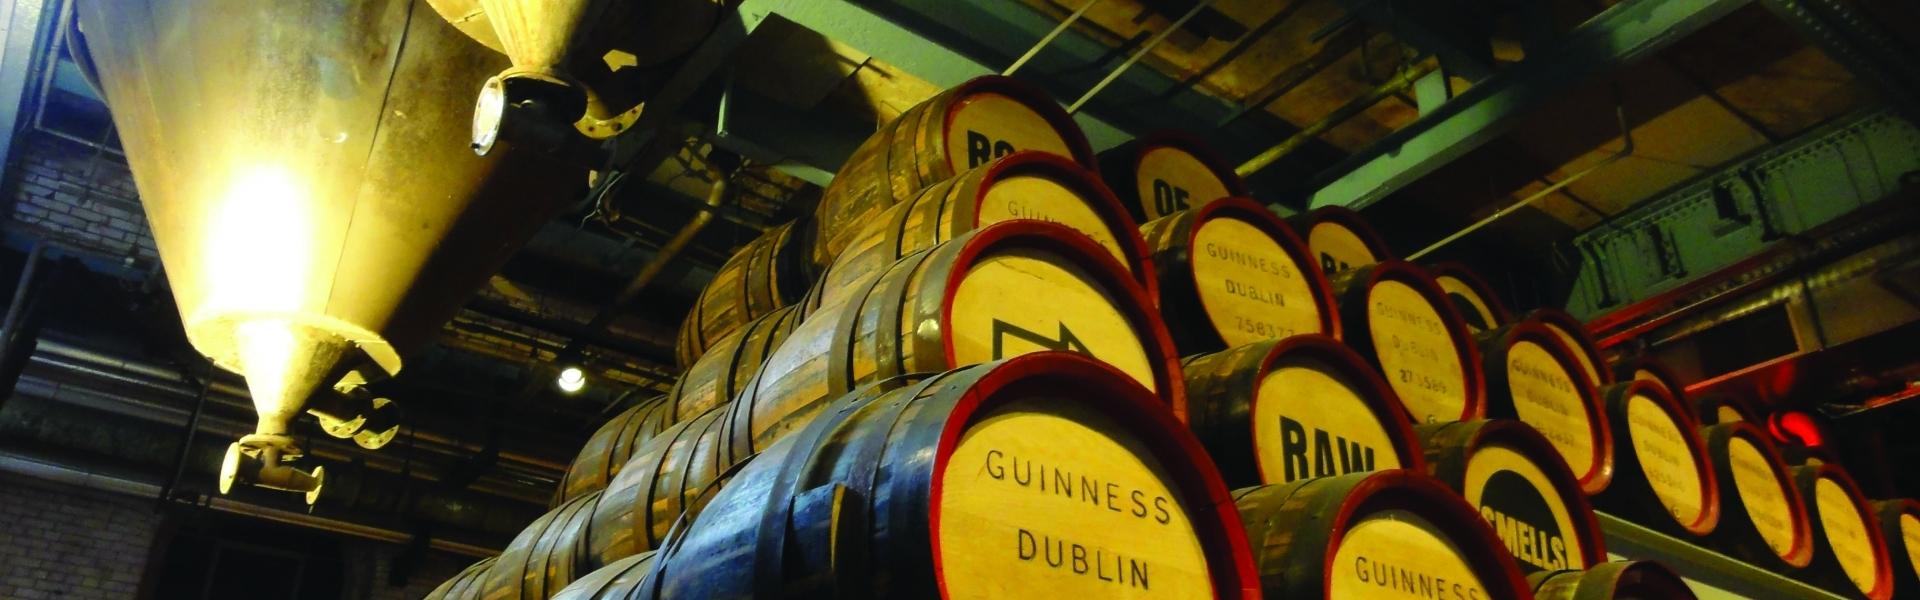 Irlande Guinness Dublin